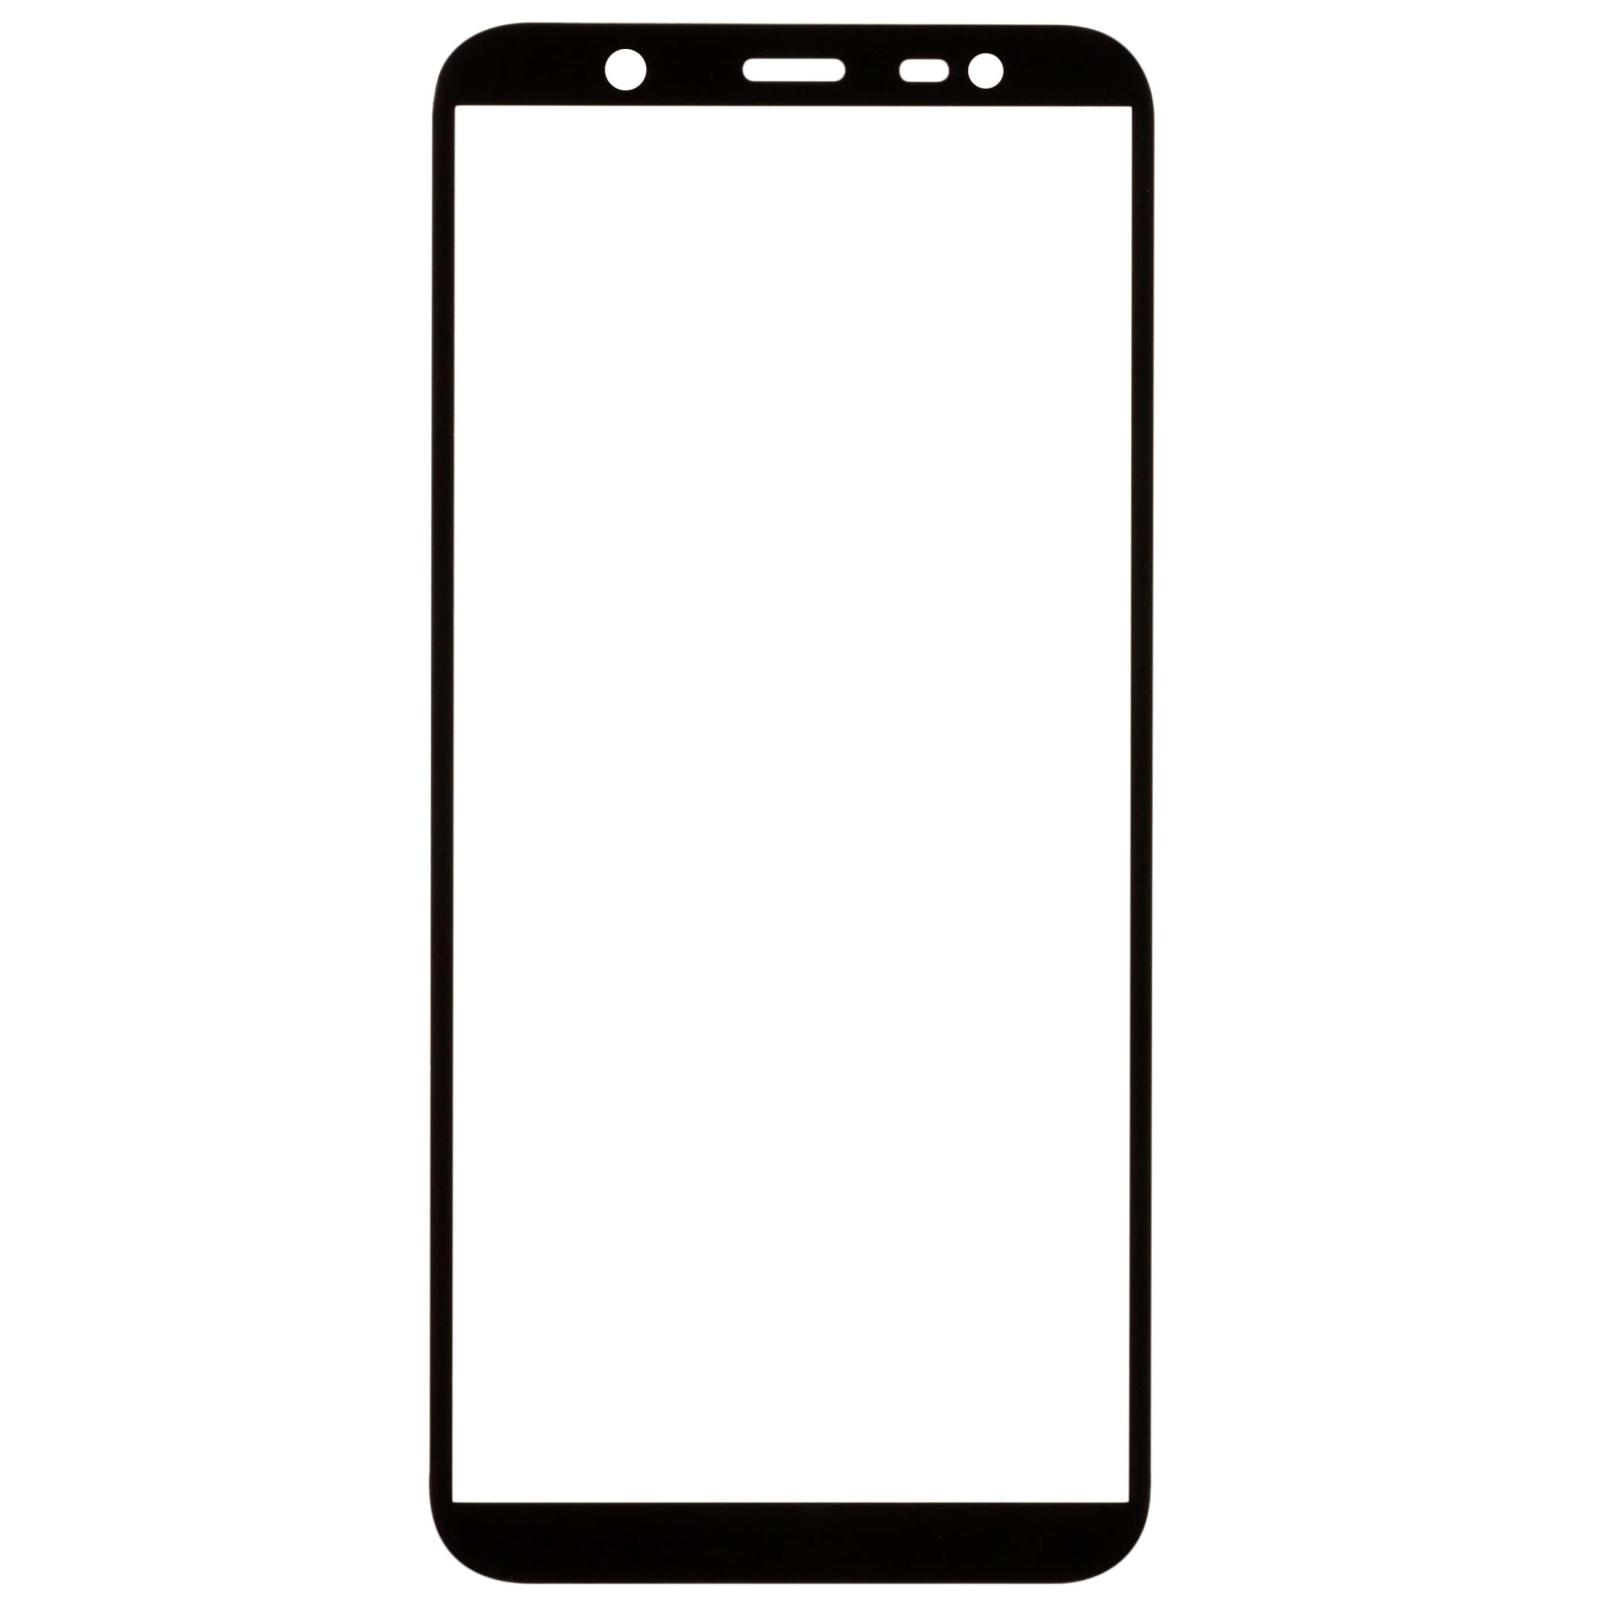 Стекло защитное MakeFuture для Samsung J8 2018 Black Full Cover Full Glue (MGFCFG-SJ818B) изображение 3